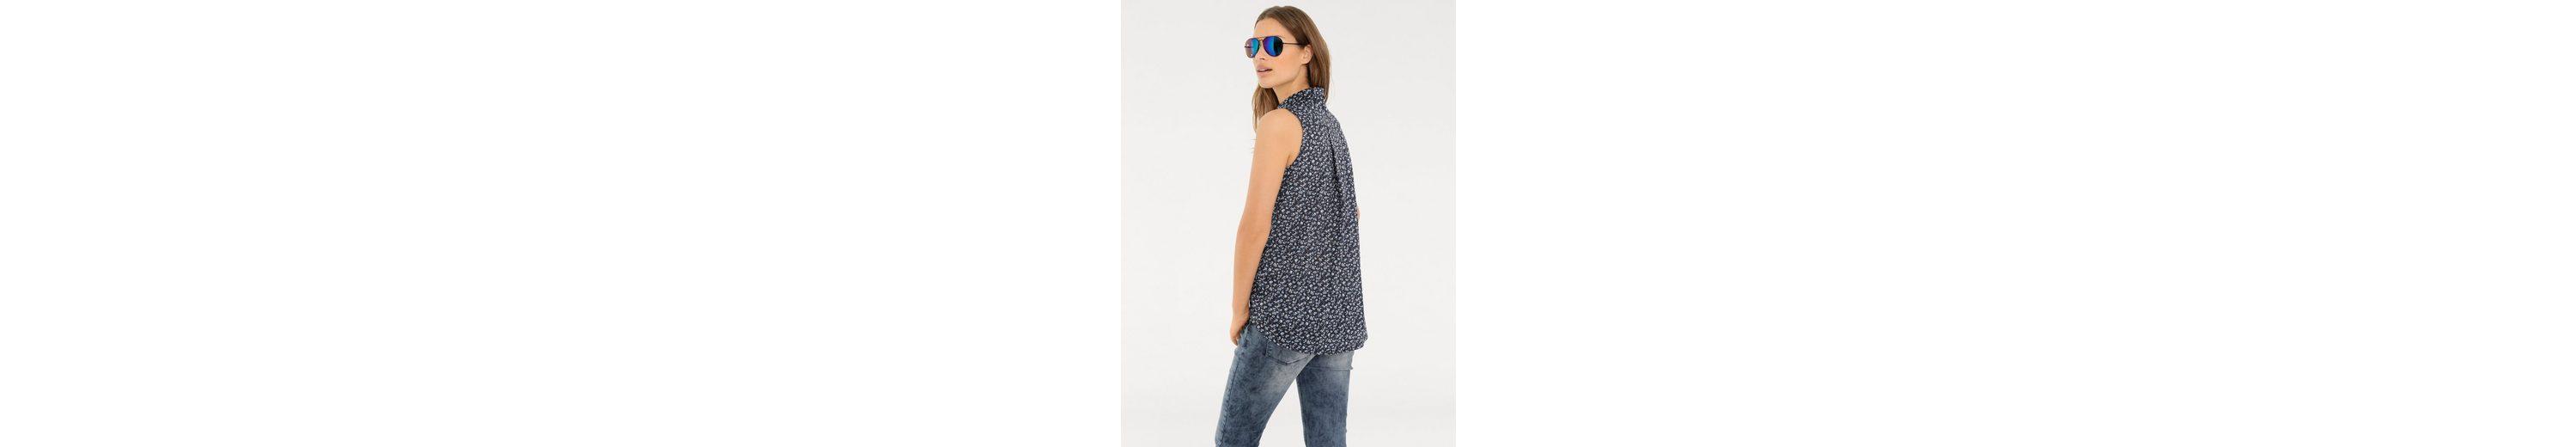 B.C. BEST CONNECTIONS by Heine Shirttop mit Blumen Online-Shopping Hohe Qualität 2018 Neueste Online-Verkauf Online Kaufen Neue F6tiMF48cJ